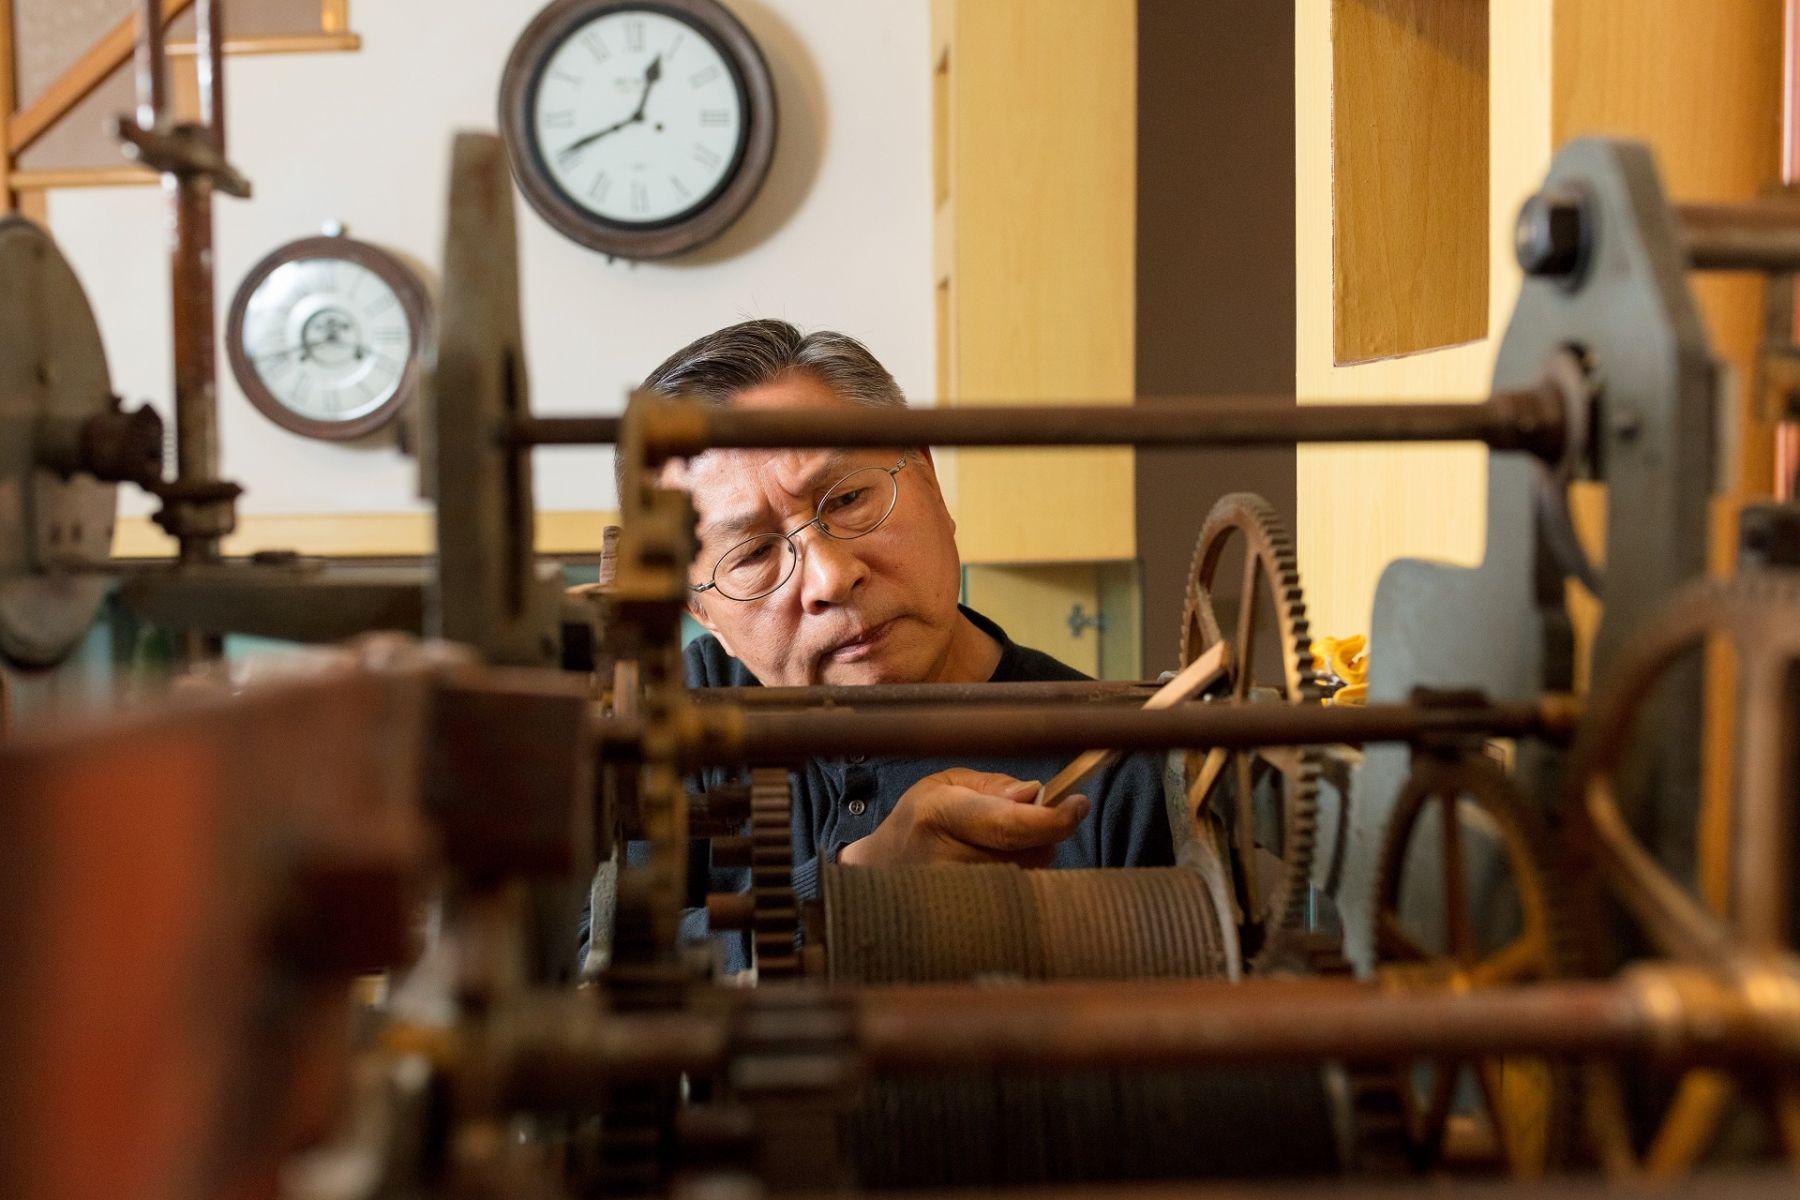 變身鐘錶醫生與畫家 前嘉裕西服總經理退休人生超精彩